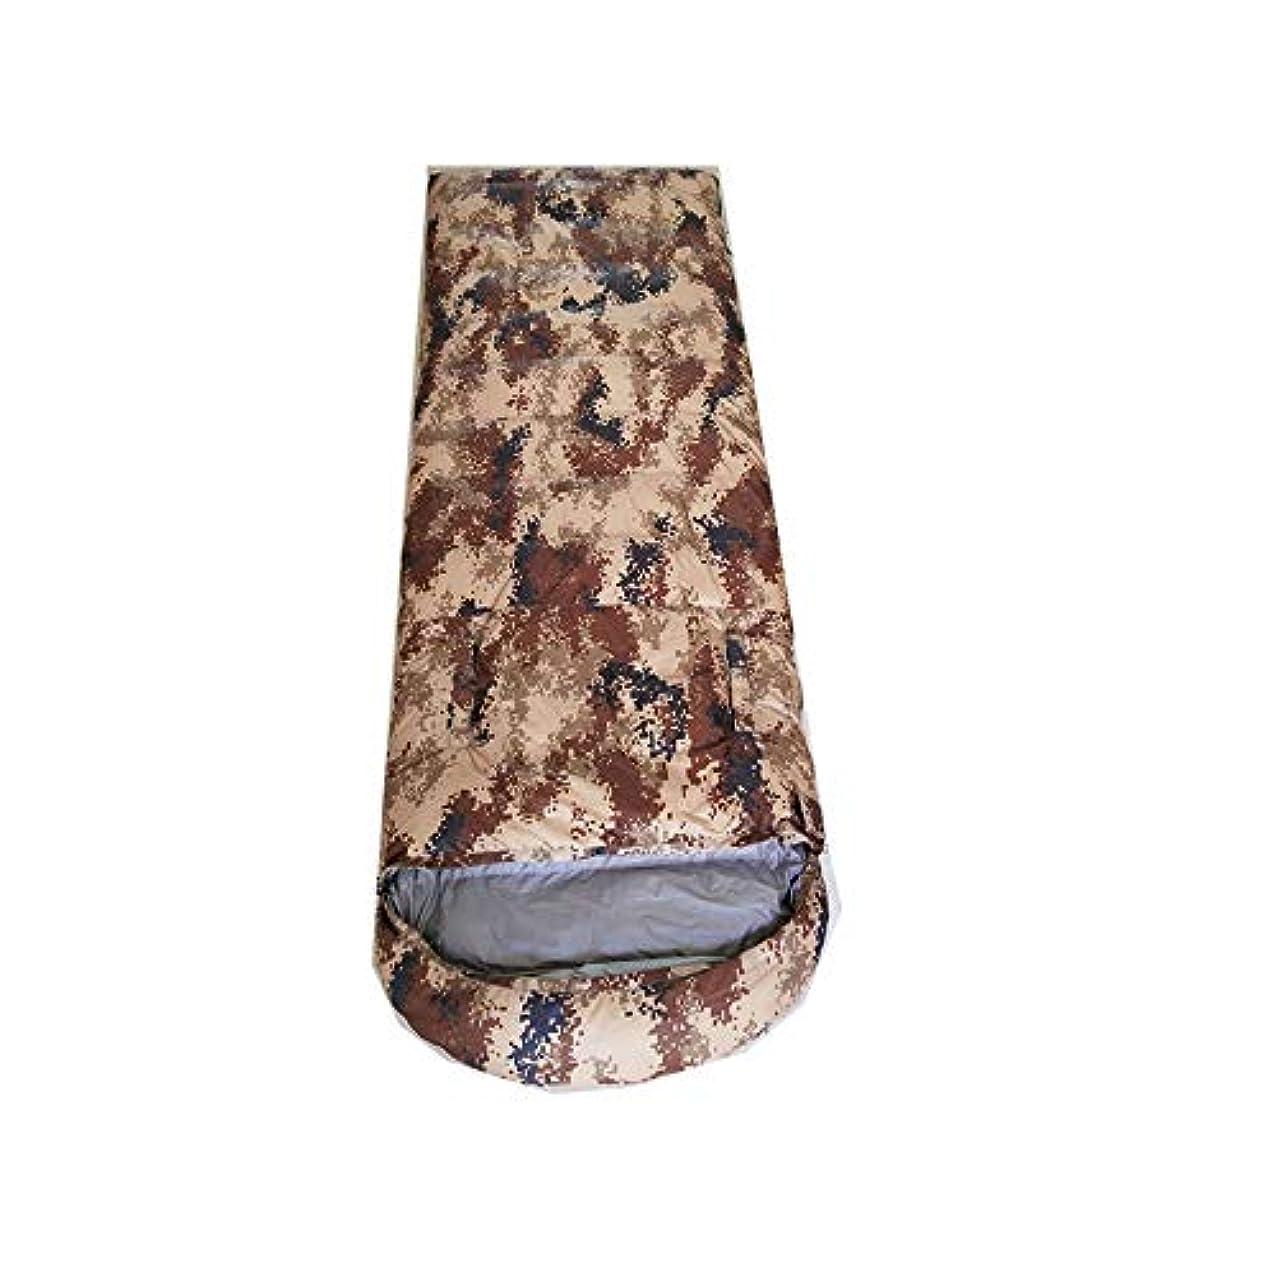 治す副産物恥ずかしさフォーシーズンは寝袋に腰を下ろすことができますアダルトアウトドアウィンターキャンプウルトラライトインドアダックダウンスリーピングバッグシングルファイトダブルライニング2500gダックダウン (色 : Desert camouflage)